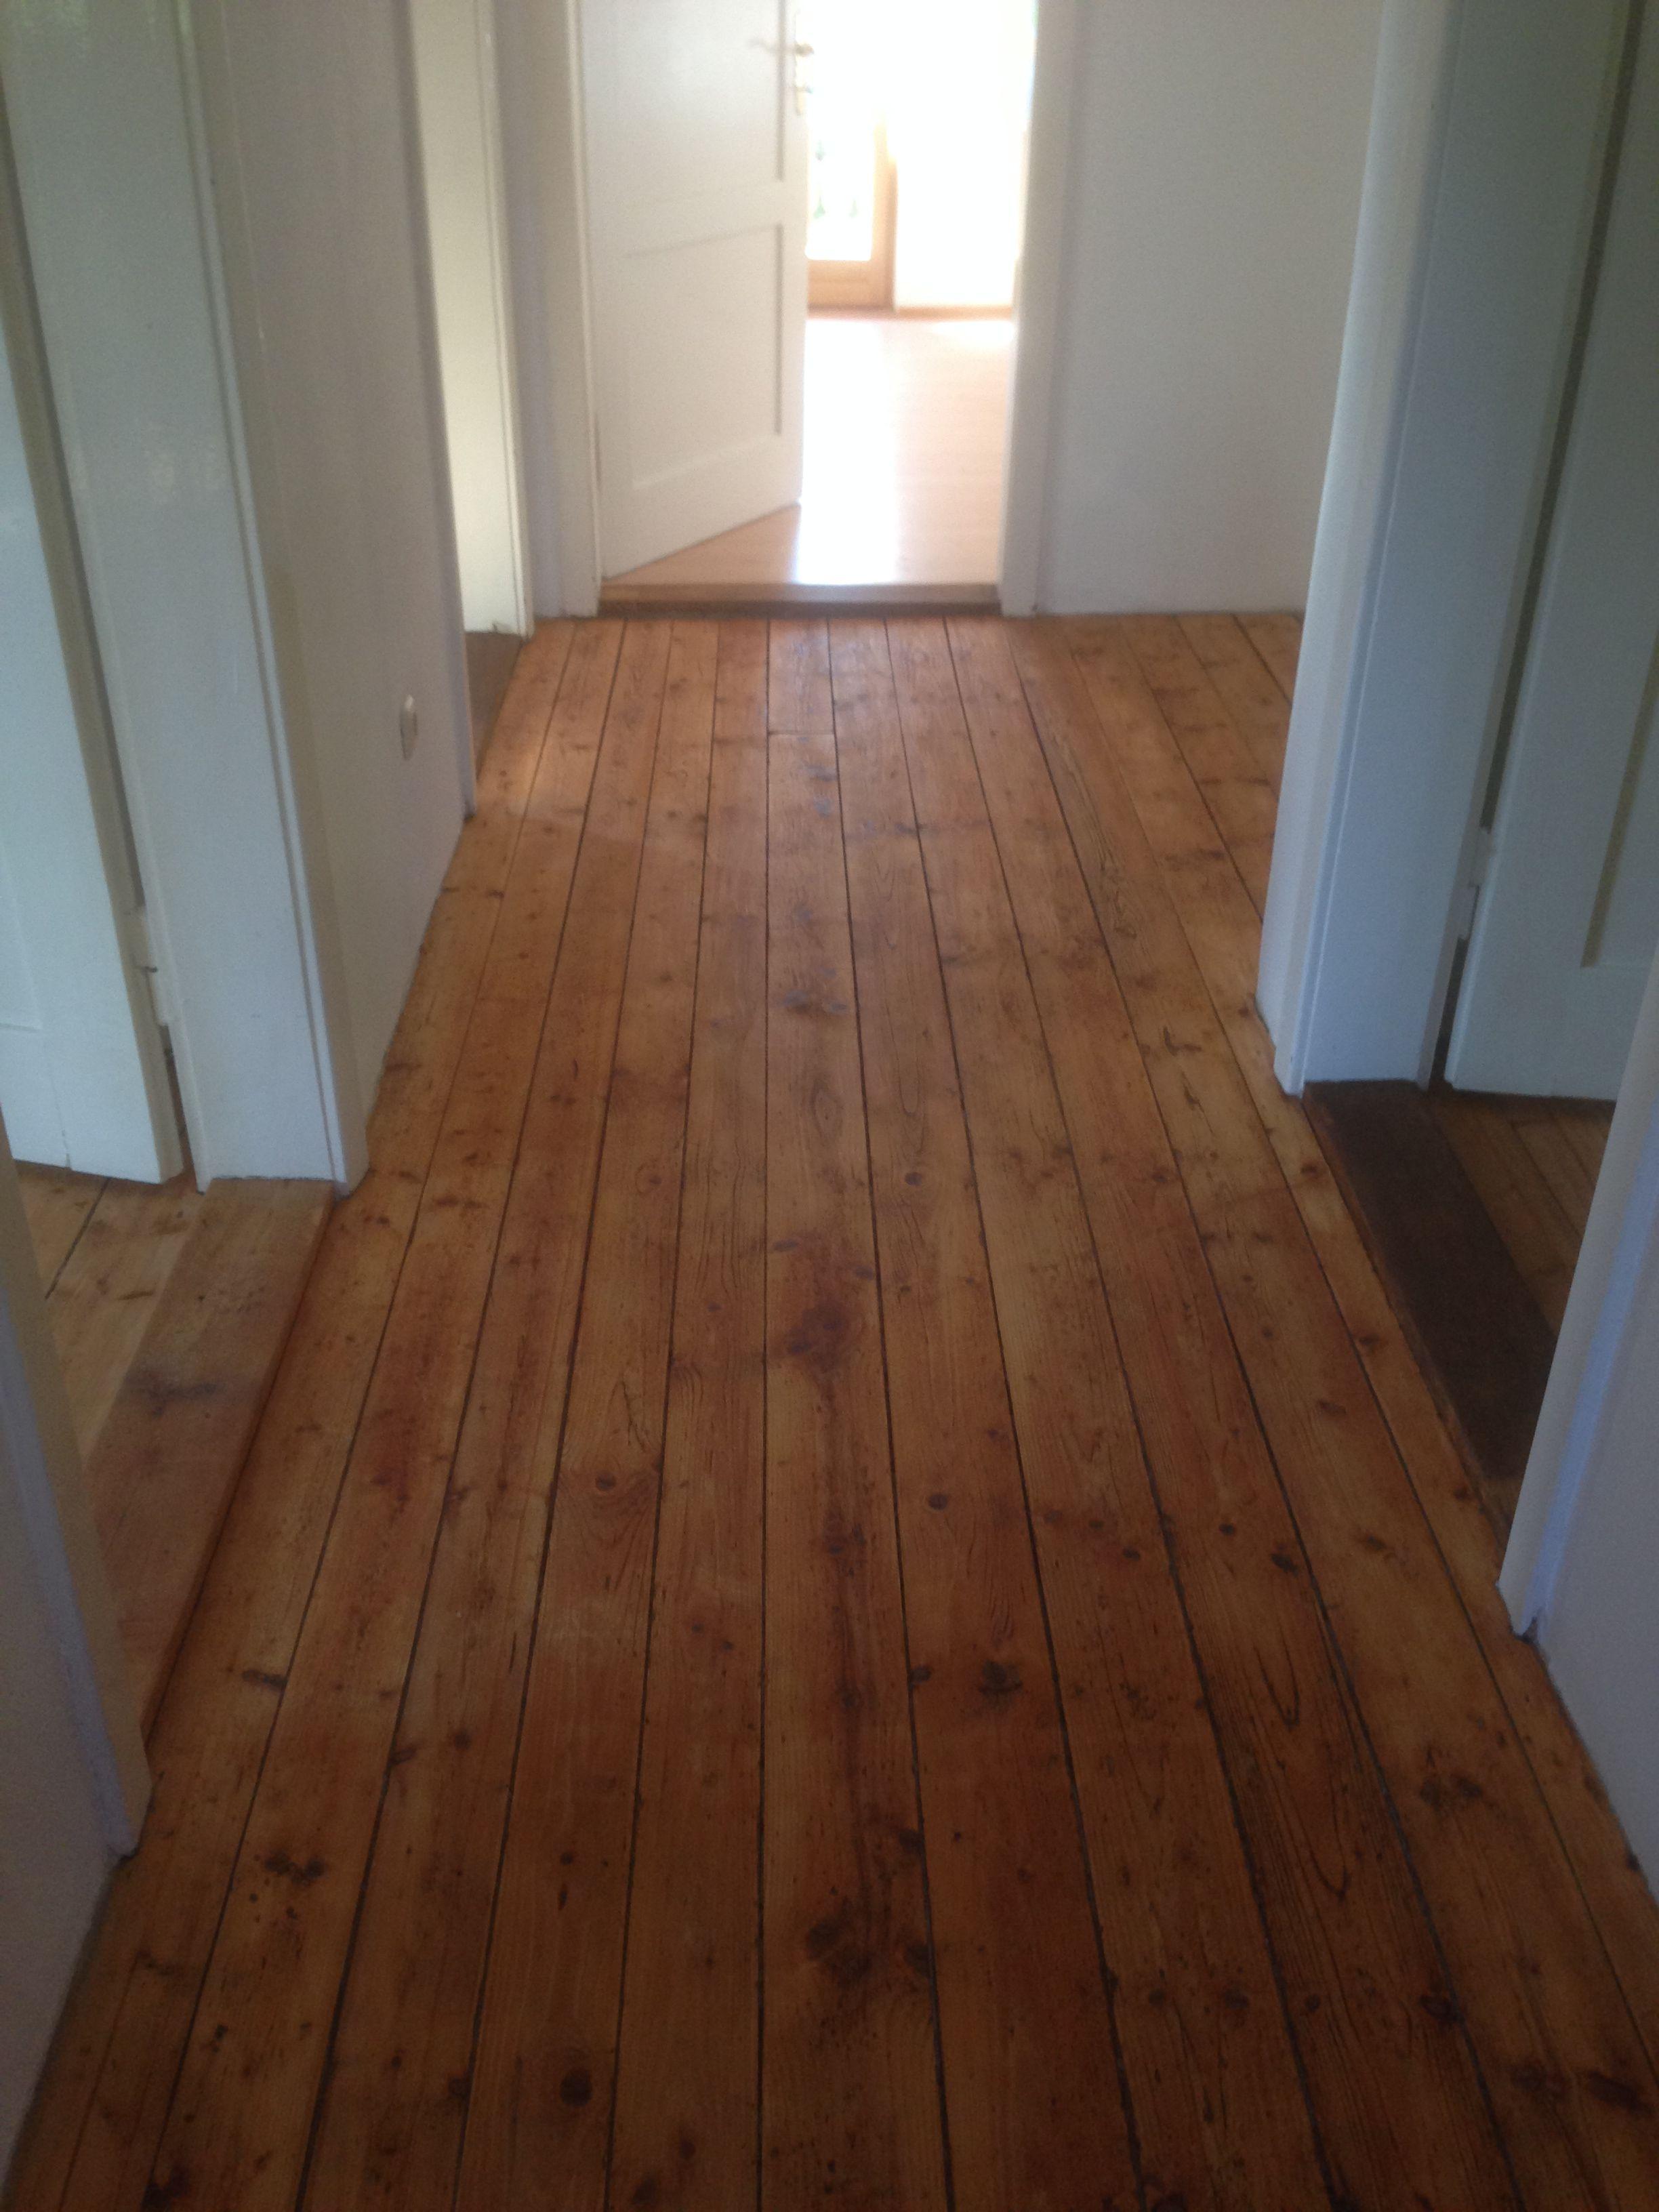 holz-dielenboden renovierung geölt old-look erhalten | fa. saida, Hause und garten